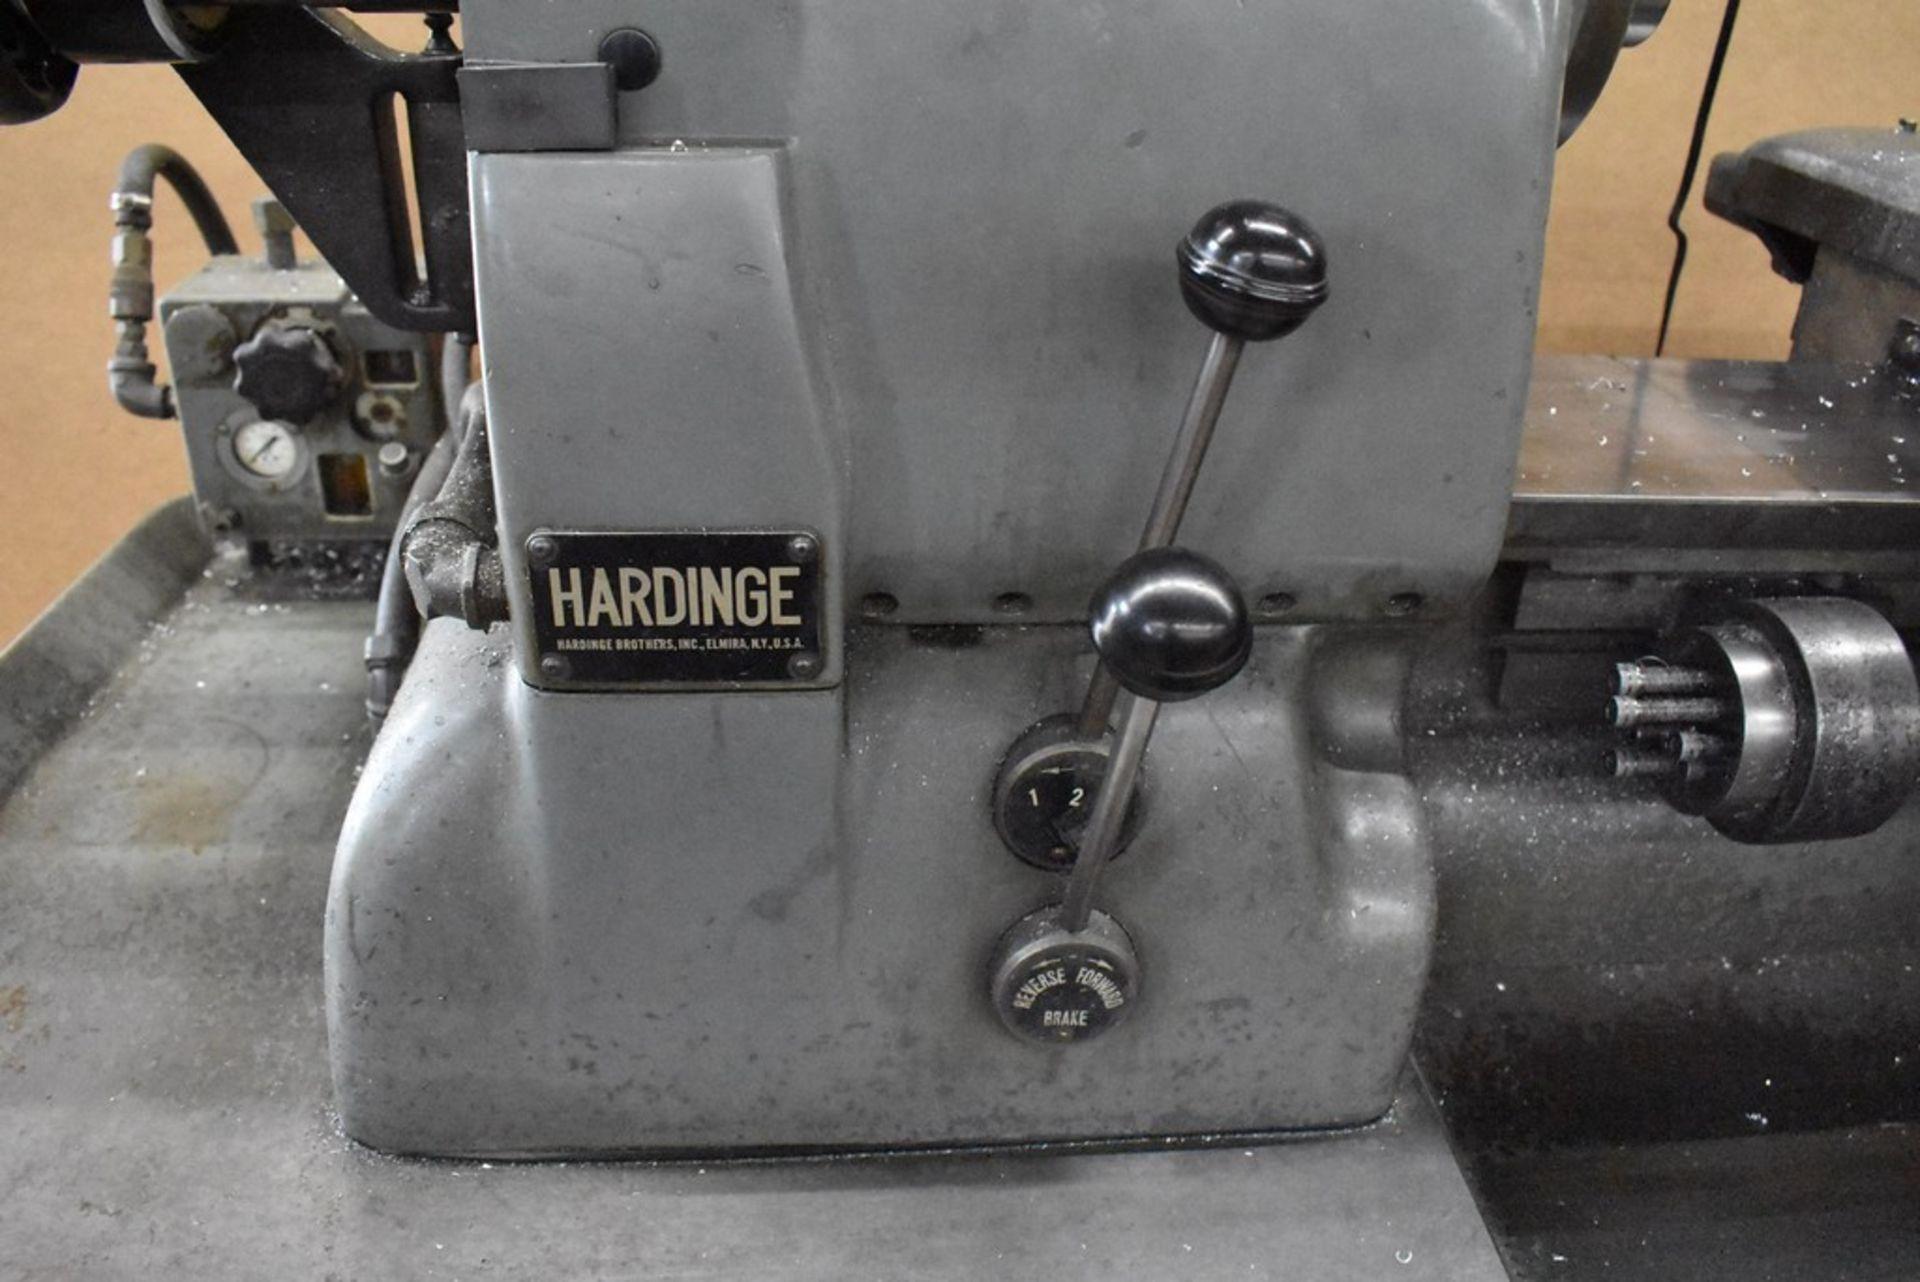 HARDINGE LATHE HCAT CABINET BASE LEADSCREW THREADING CHUCKER, S/N HC-2699G, WITH LEADSCREW THREADING - Image 22 of 25